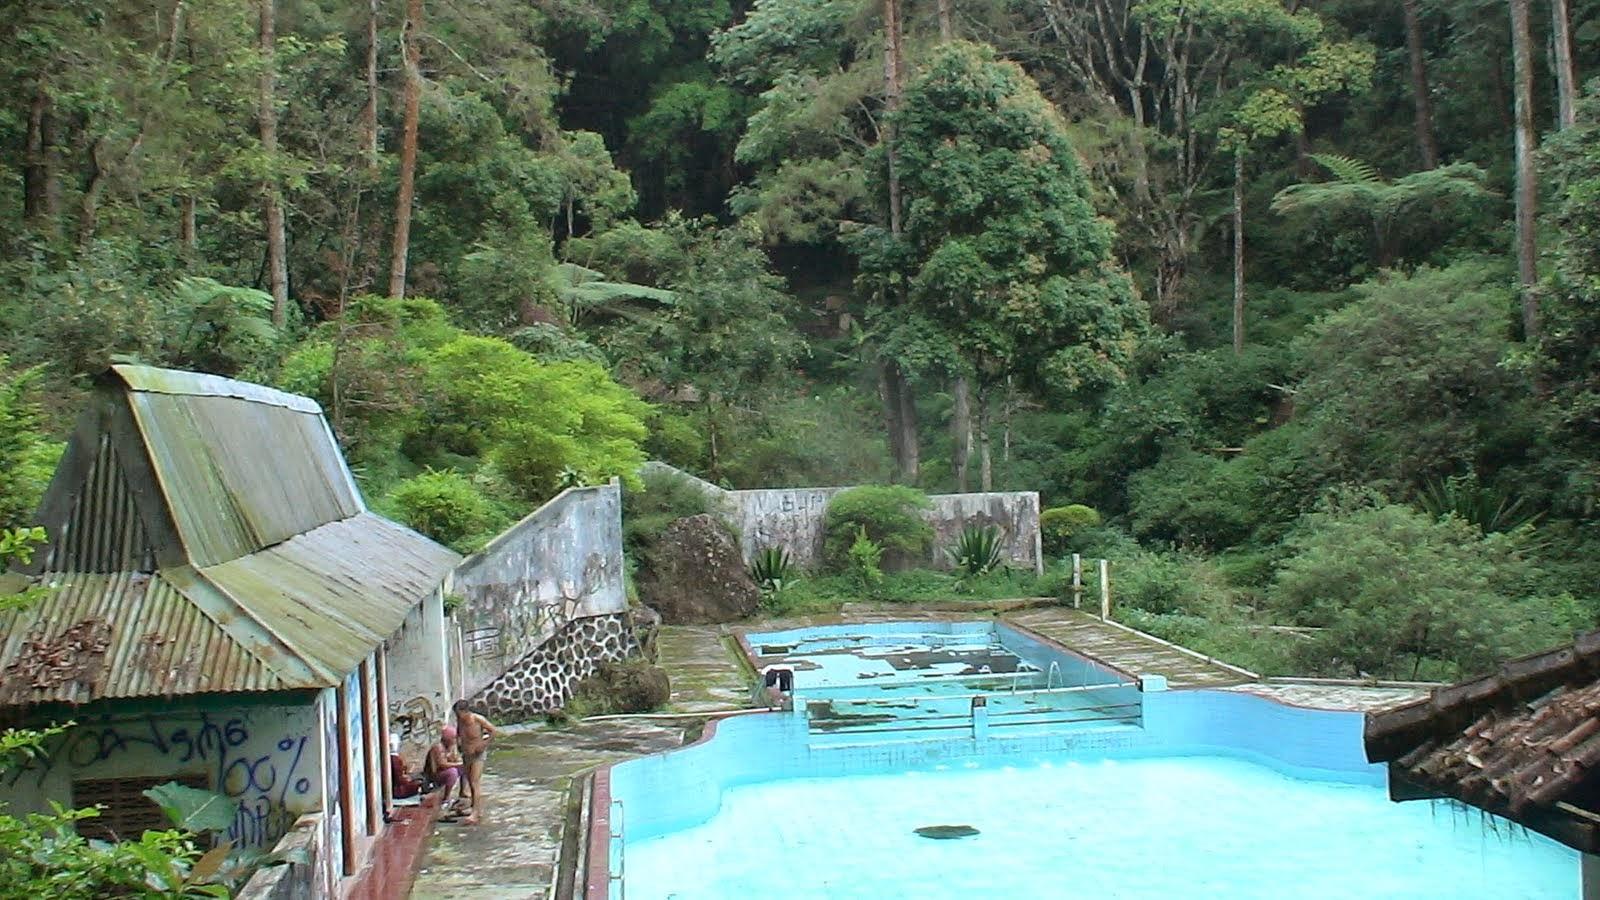 Taman Wisata Kopeng Salatiga Jawa Tengah Yang Menarik